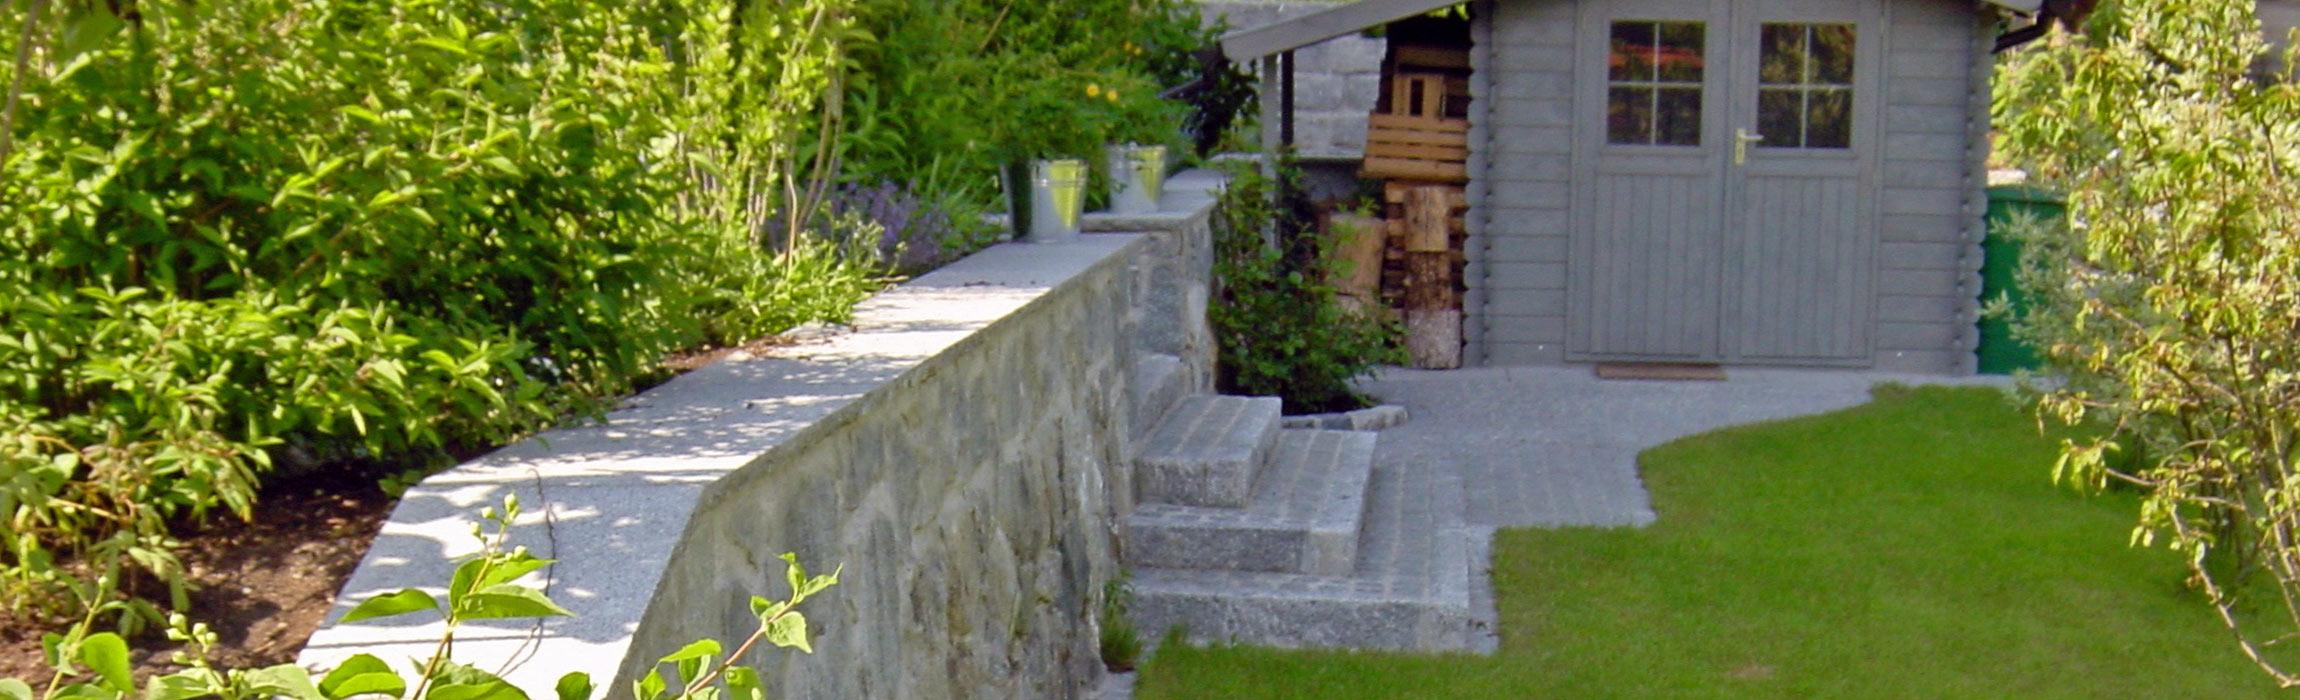 Gartengestaltung-sl